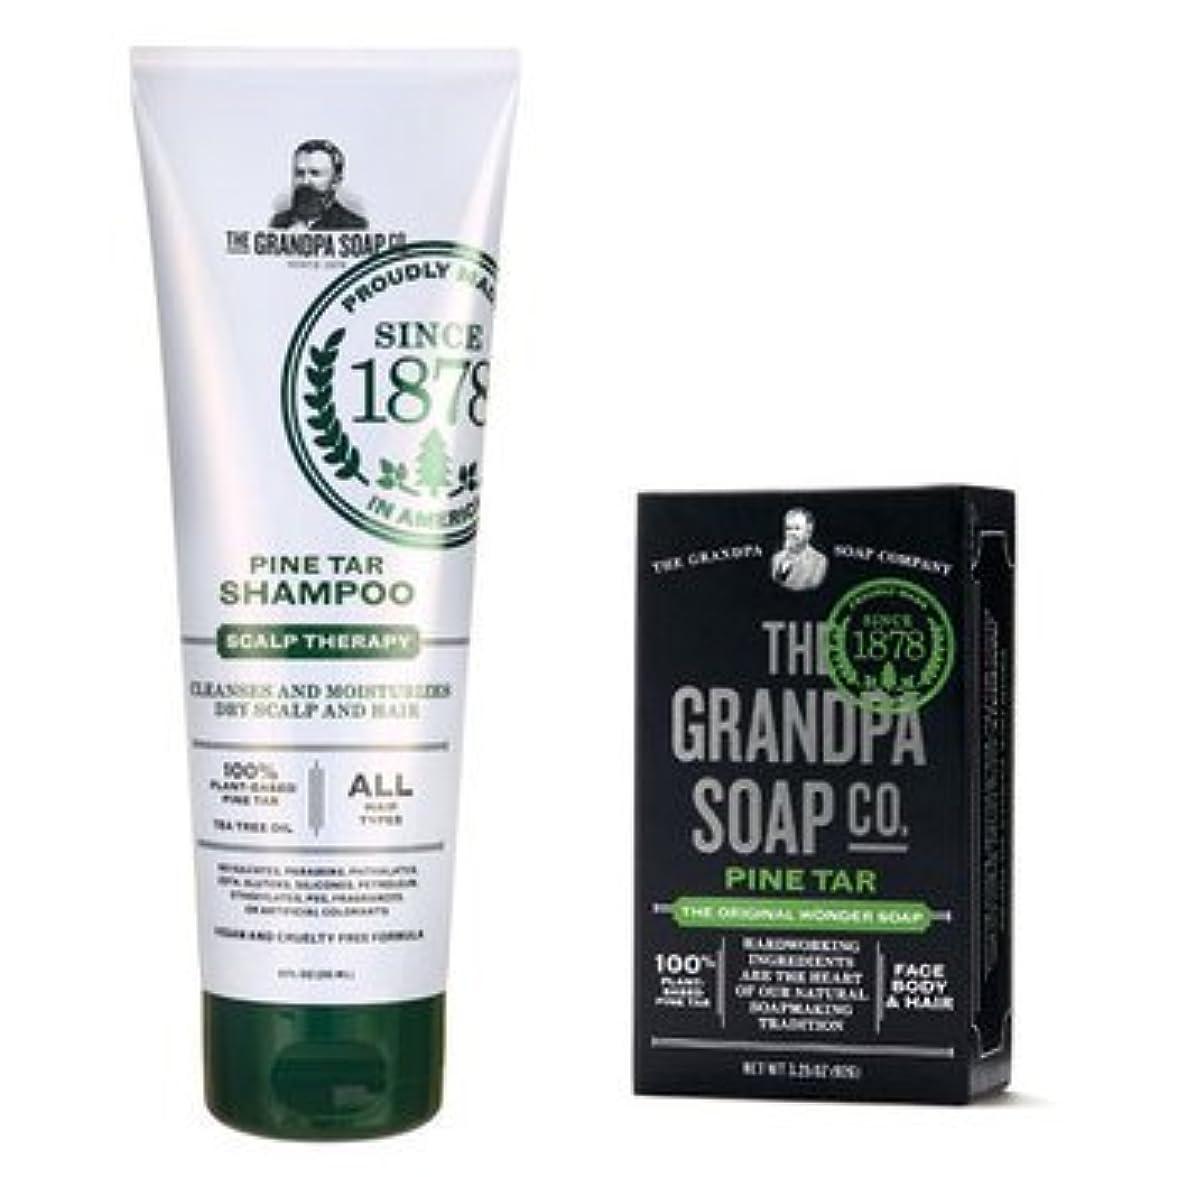 マウントジーンズ柔らかさ松やに石鹸&シャンプーセット【グランパ?パインタール】 自然派ソープ 120g/237ml  Grandpa's Soap Pine Tar